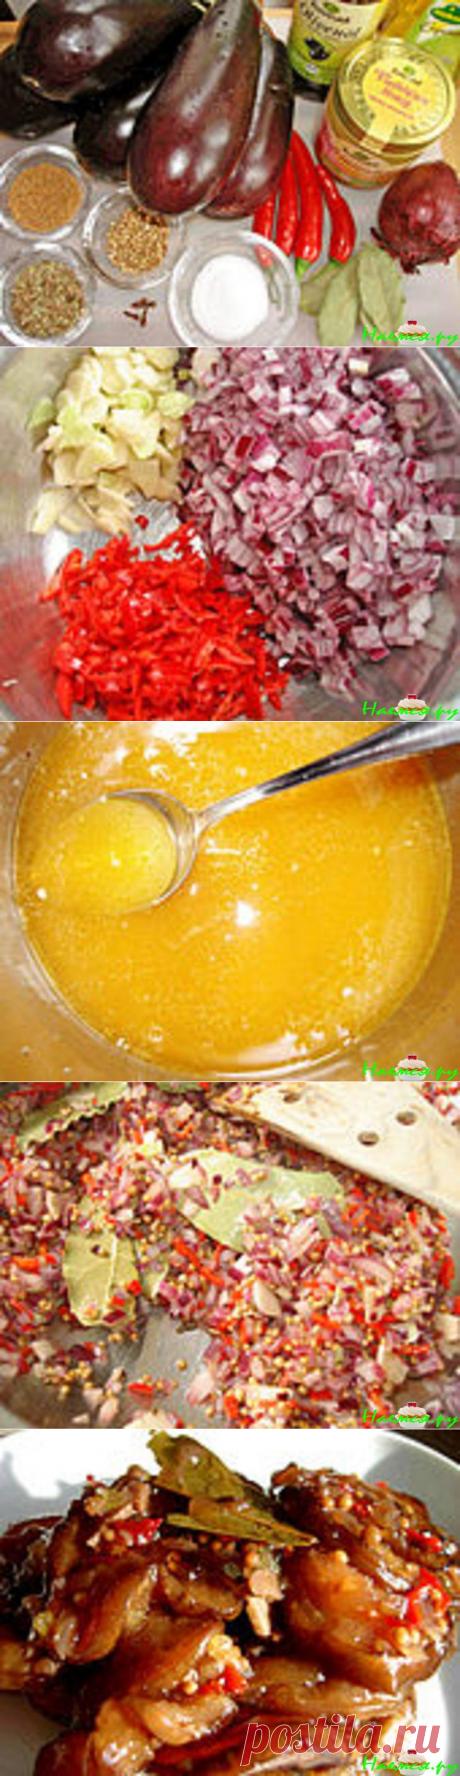 Пикантная заготовка на зиму: прянные баклажаны с мёдом